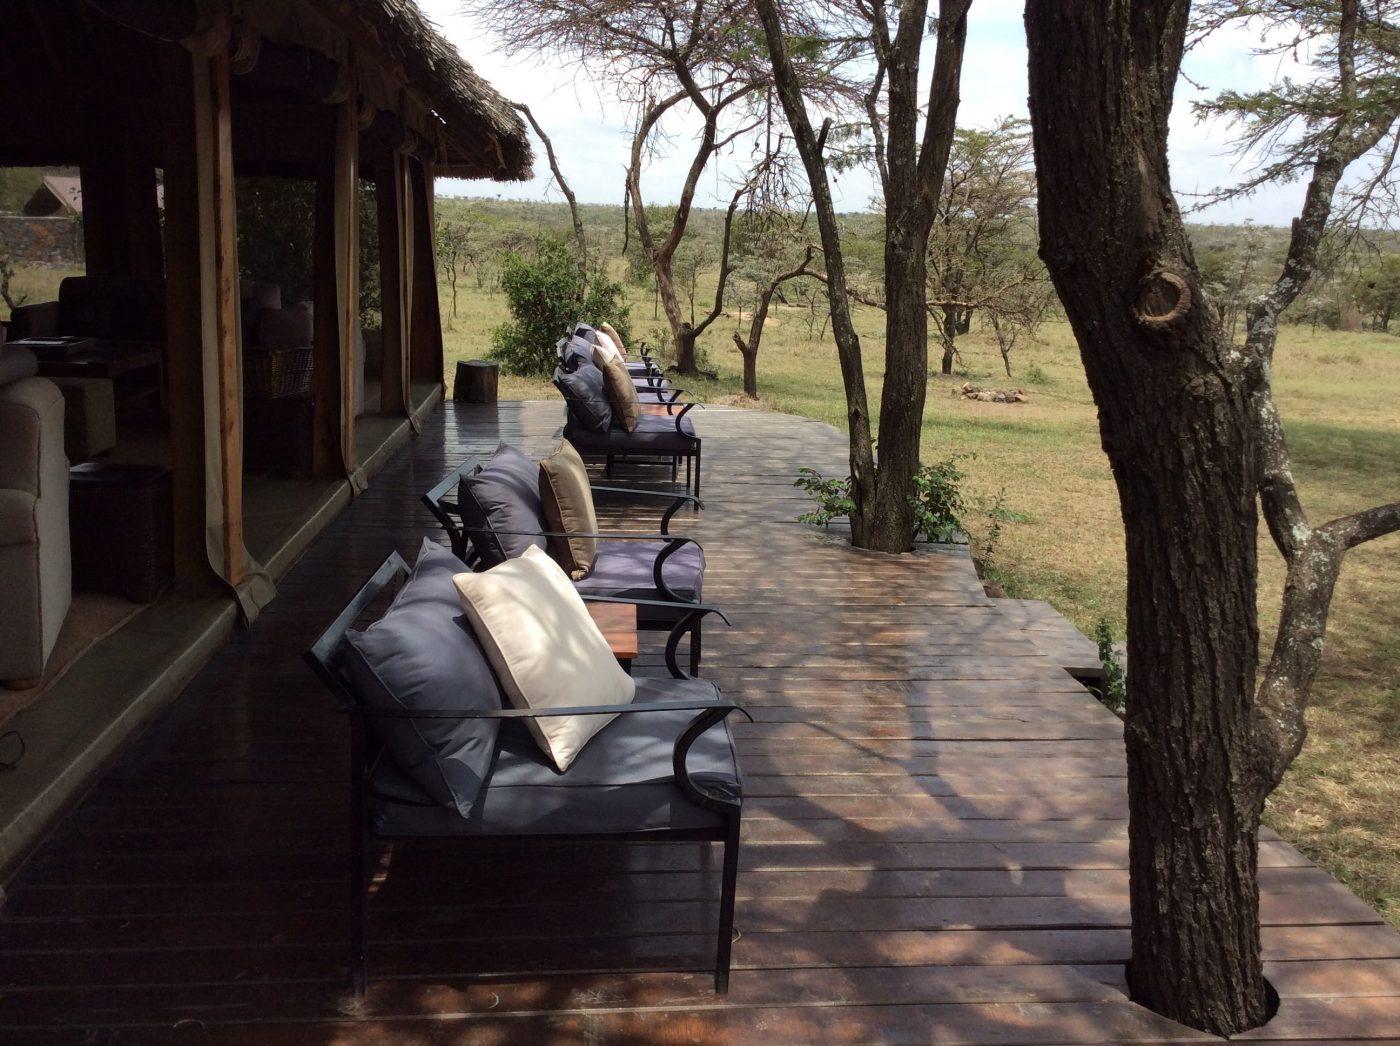 Safari Lodges in Kenya: Naboisho Camp outdoors